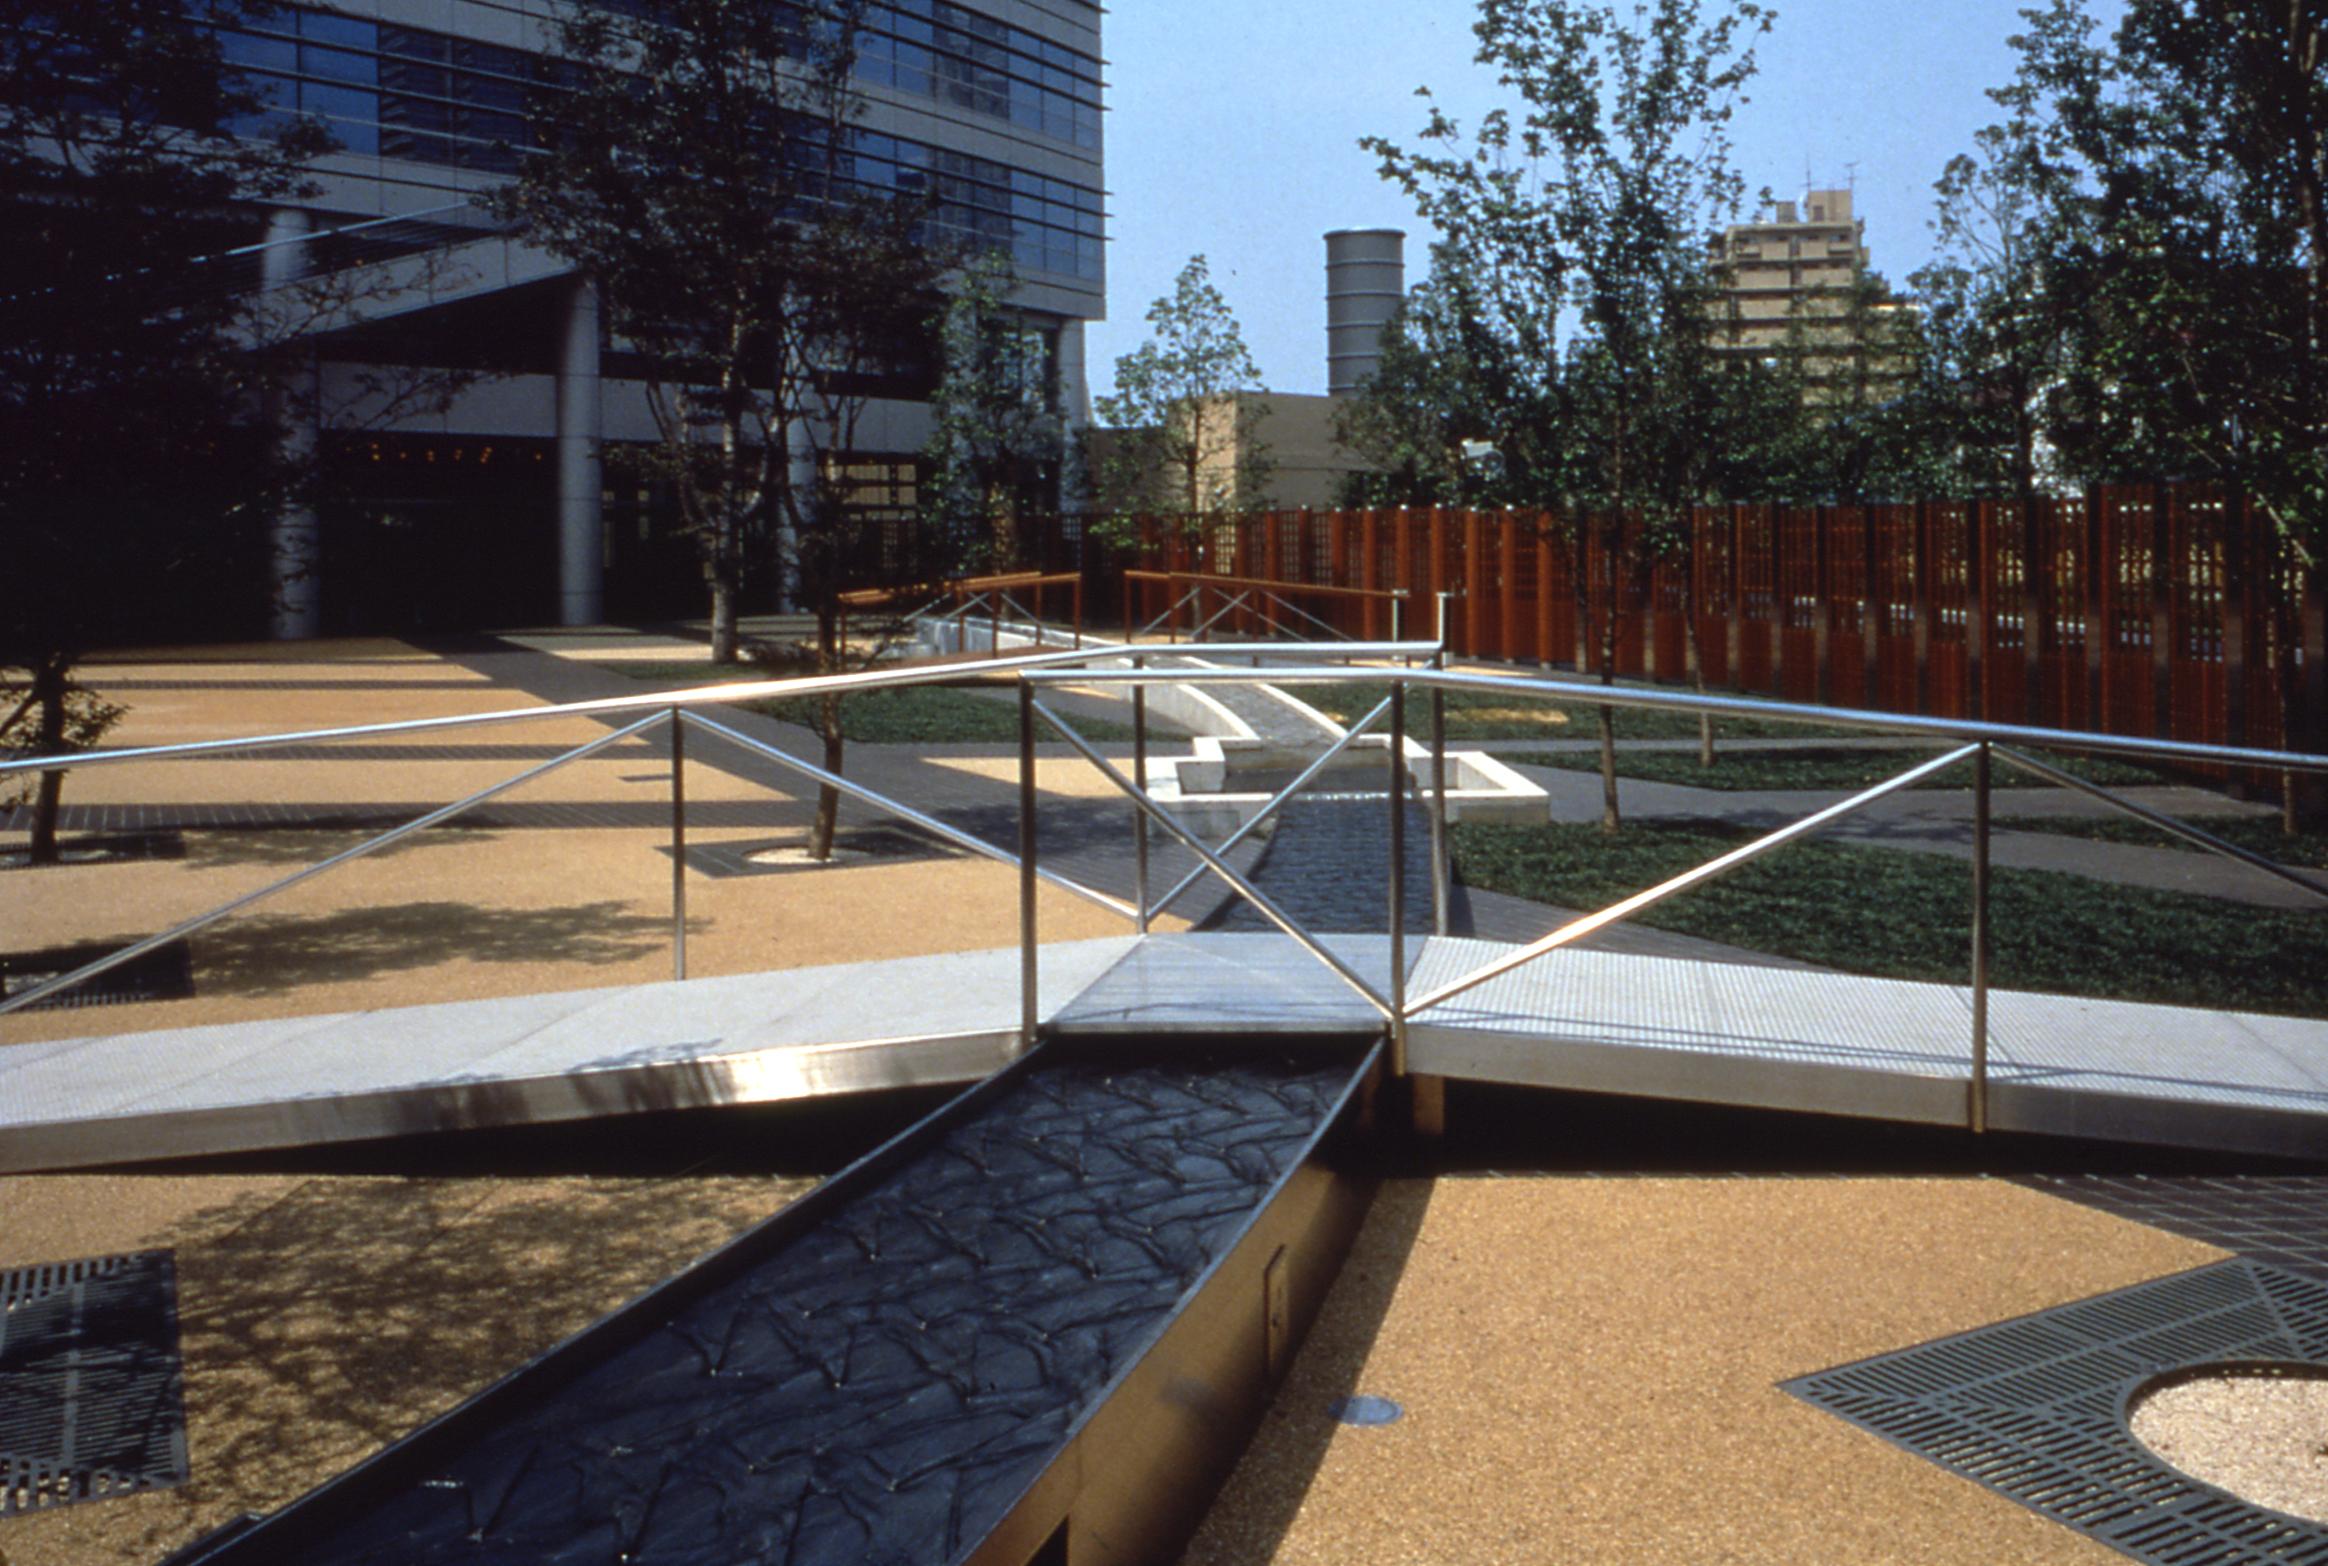 BA_ntt_photo bridge metal.jpg